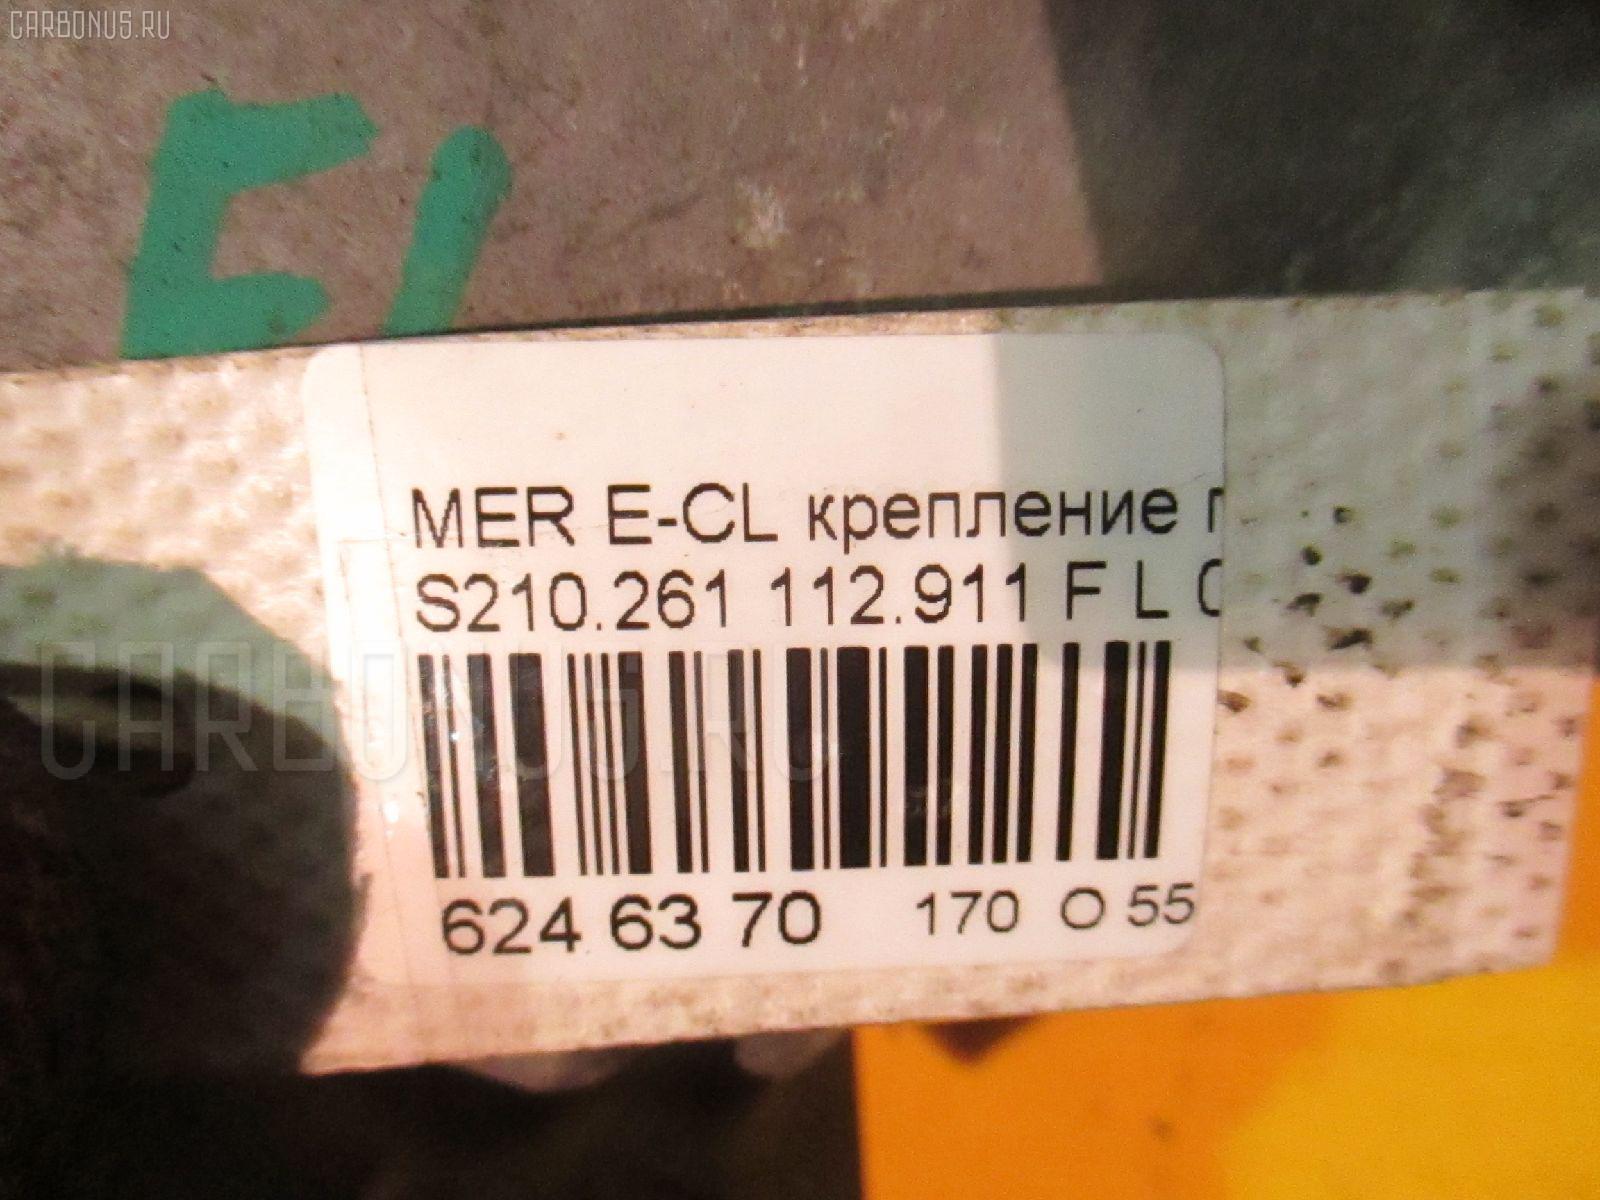 Крепление подушки ДВС MERCEDES-BENZ E-CLASS STATION WAGON S210.261 112.911 Фото 3